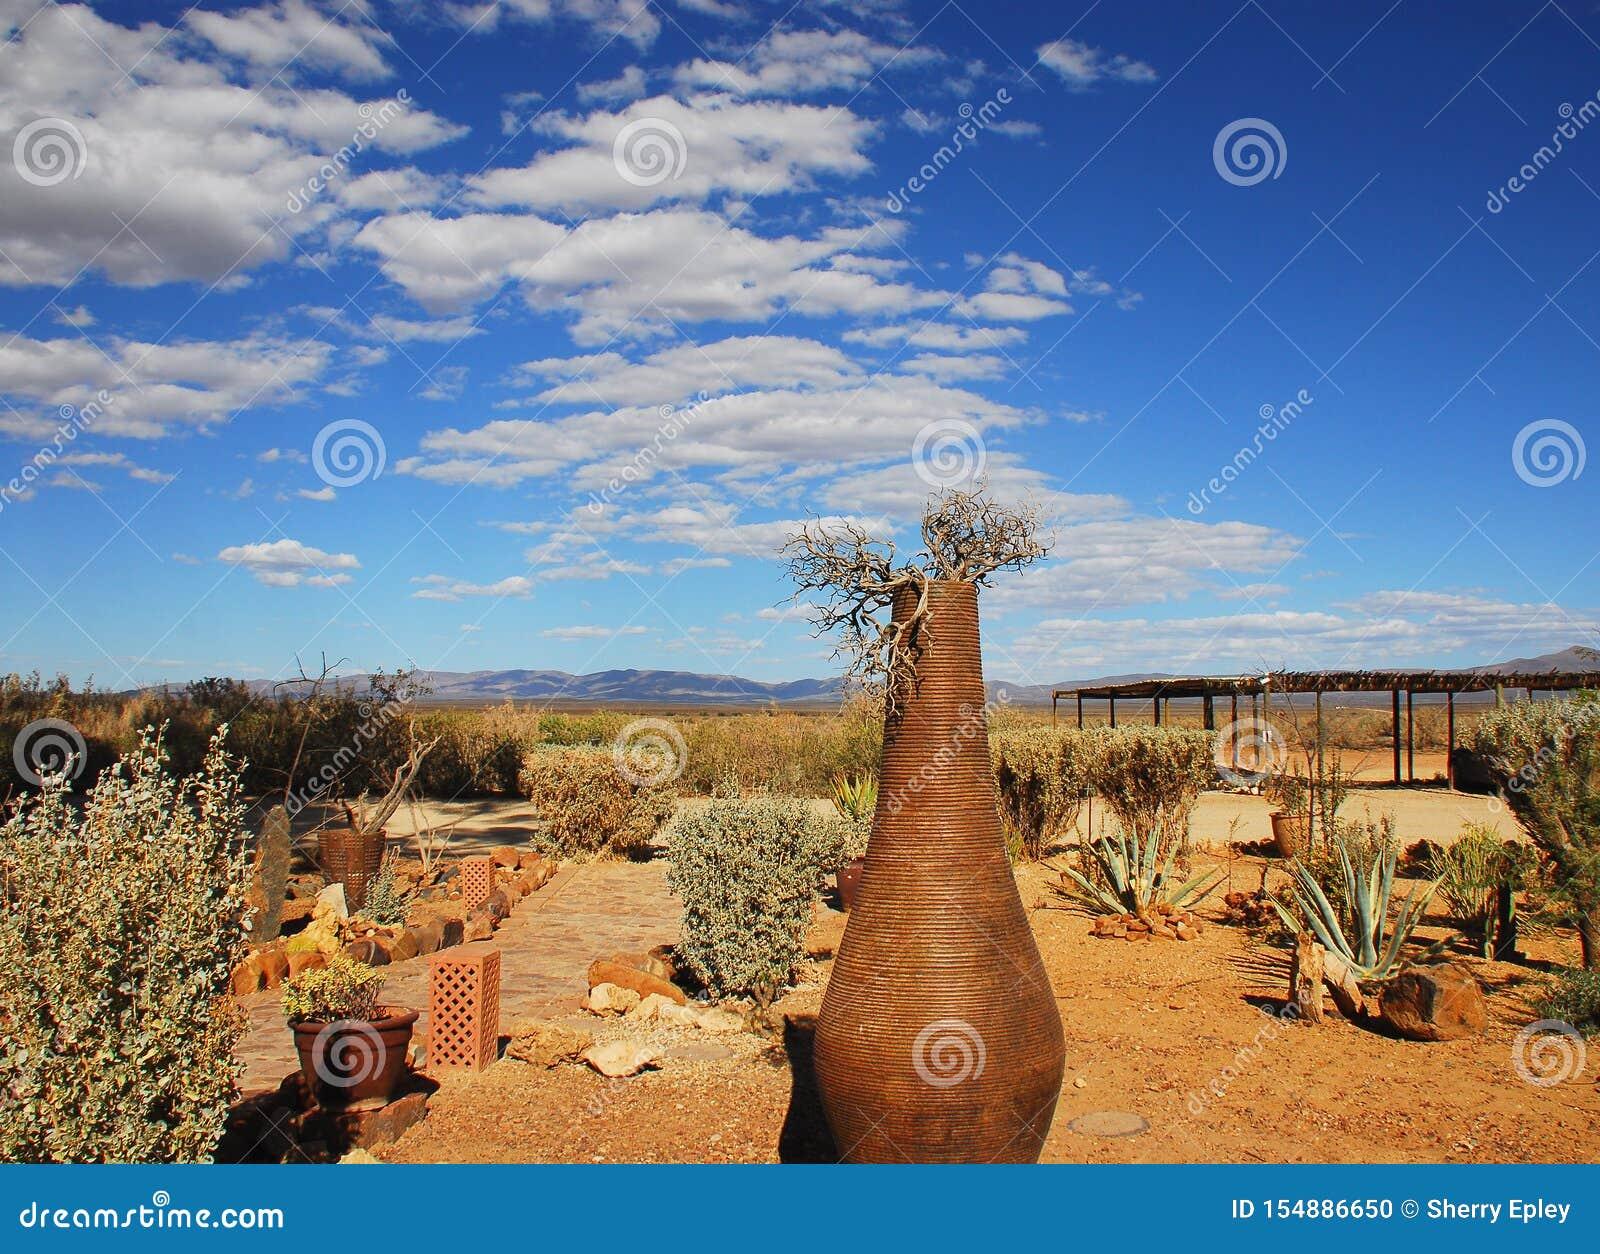 Africa A Beautiful Desert Garden Under An Amazing Sky Stock Photo